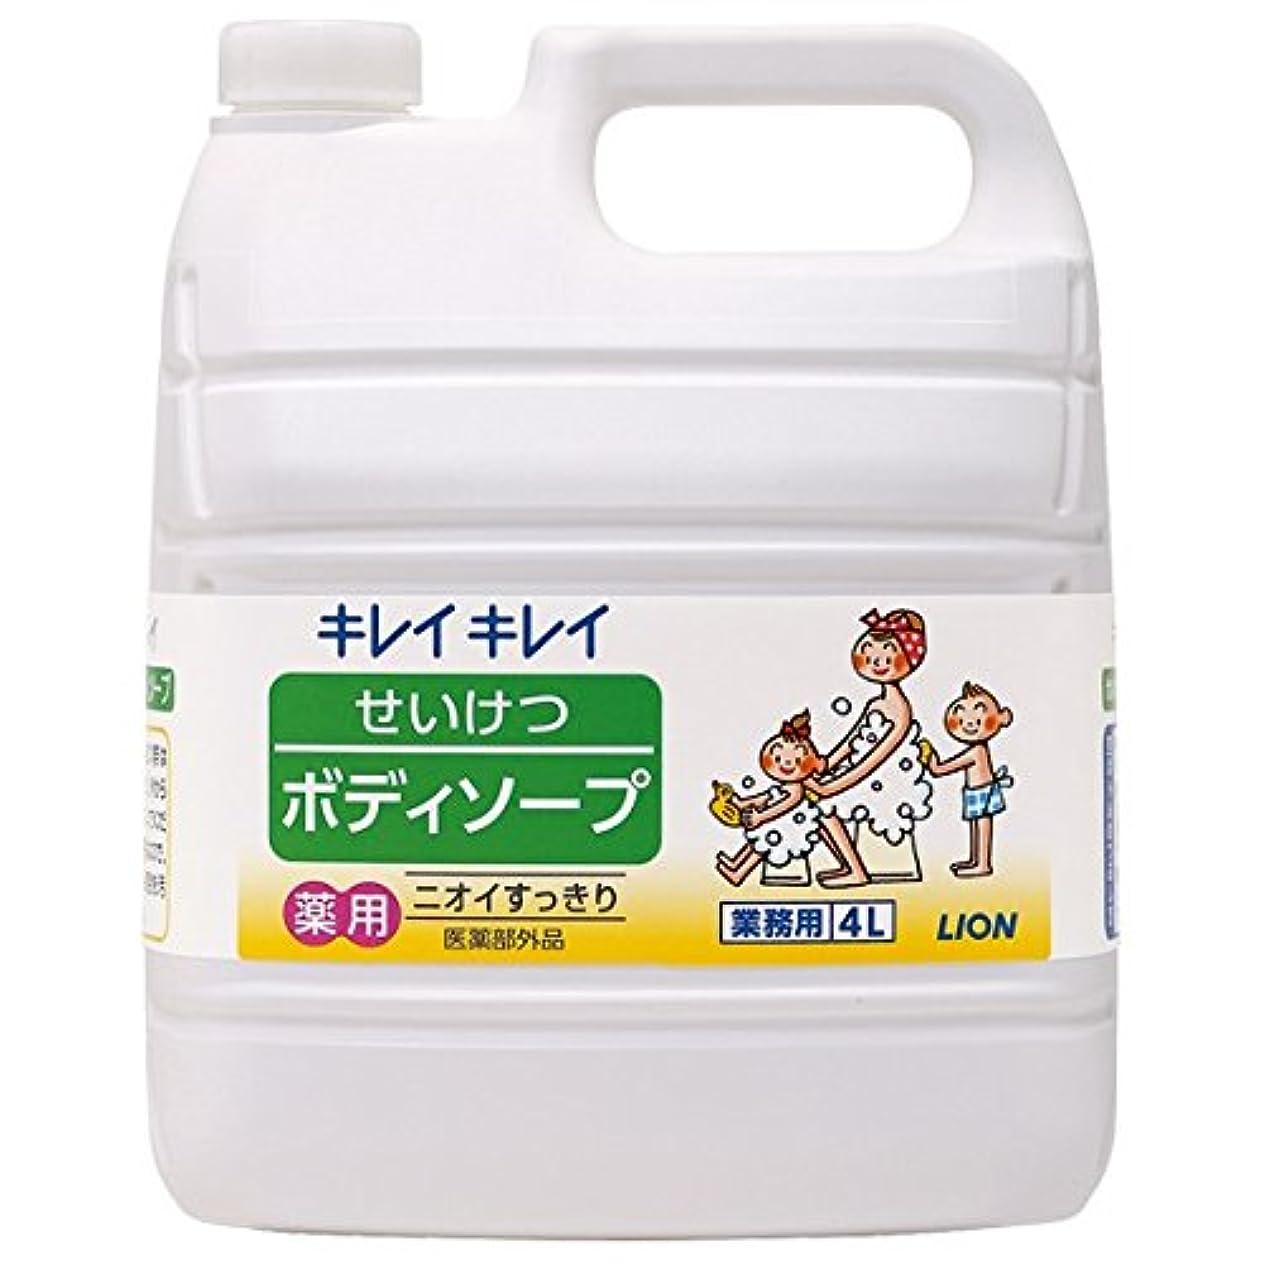 マウンド札入れ事務所ライオン キレイキレイ せいけつボディソープ さわやかなレモン&オレンジの香り 業務用 4L×3本